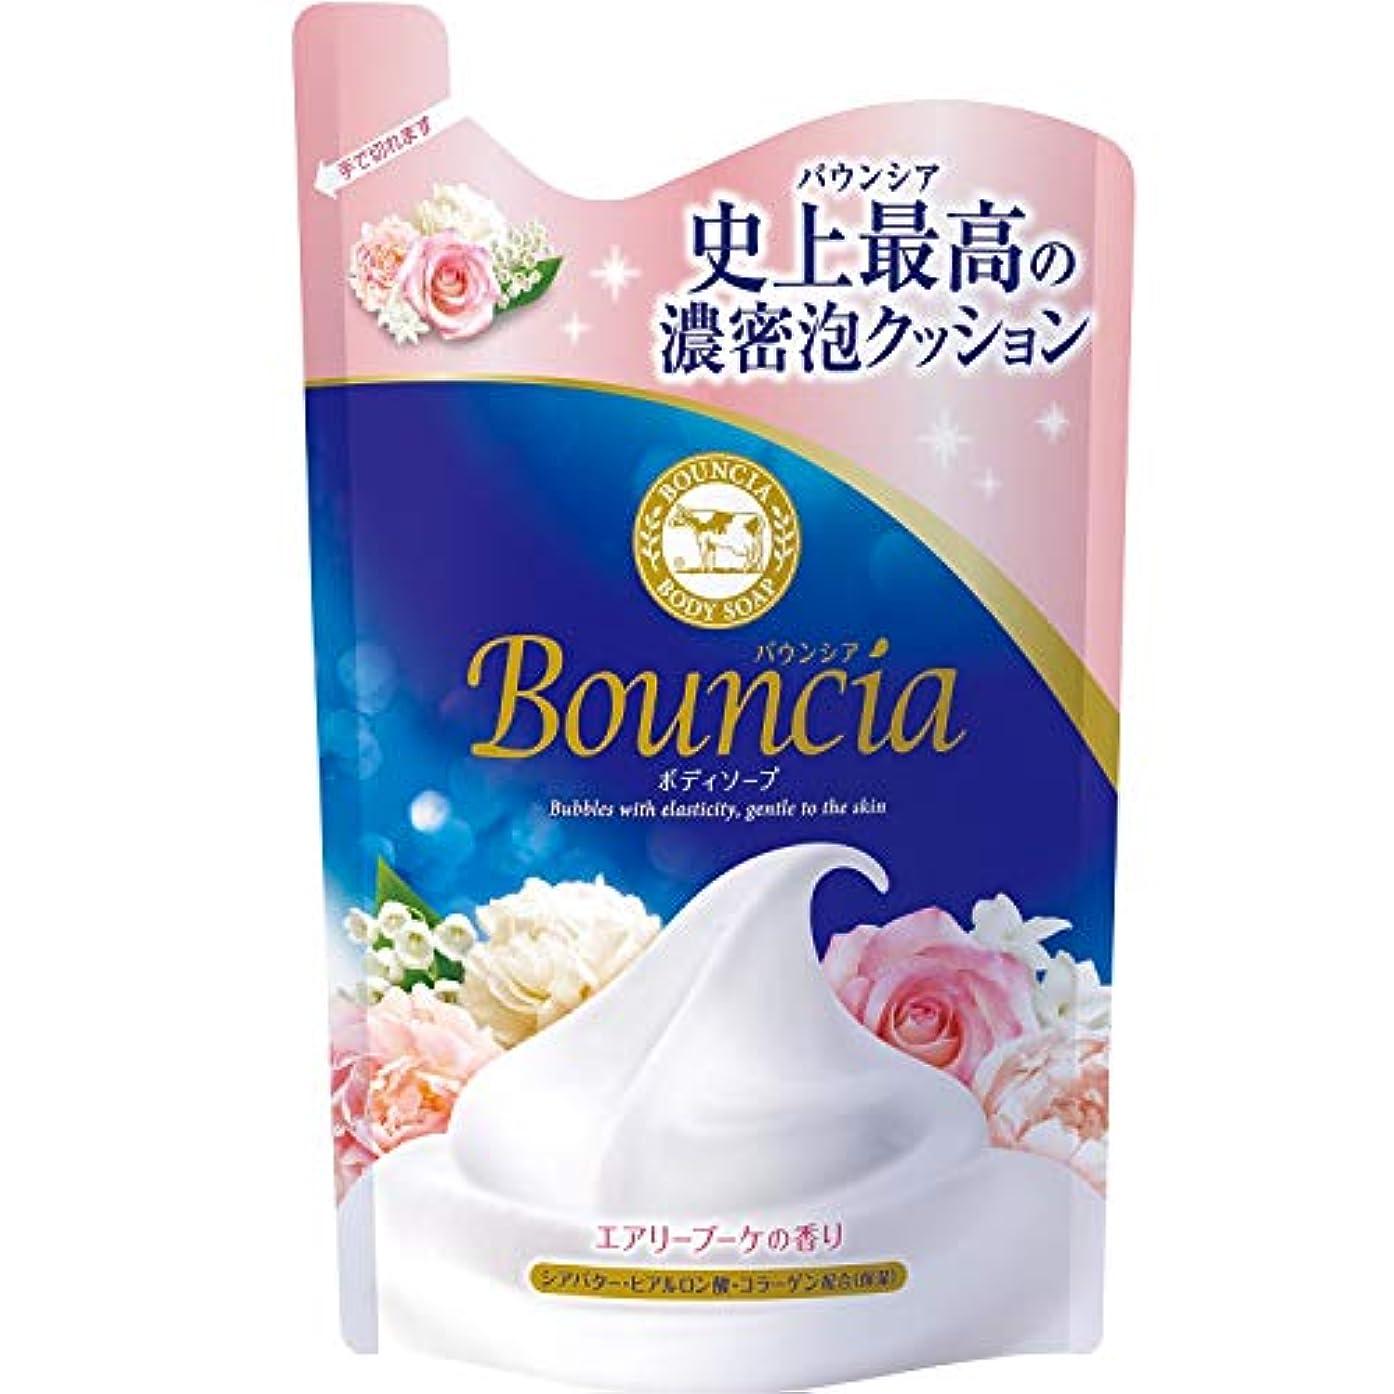 オーガニックハンサム花に水をやるバウンシア ボディソープ エアリーブーケの香り 詰替 400mL